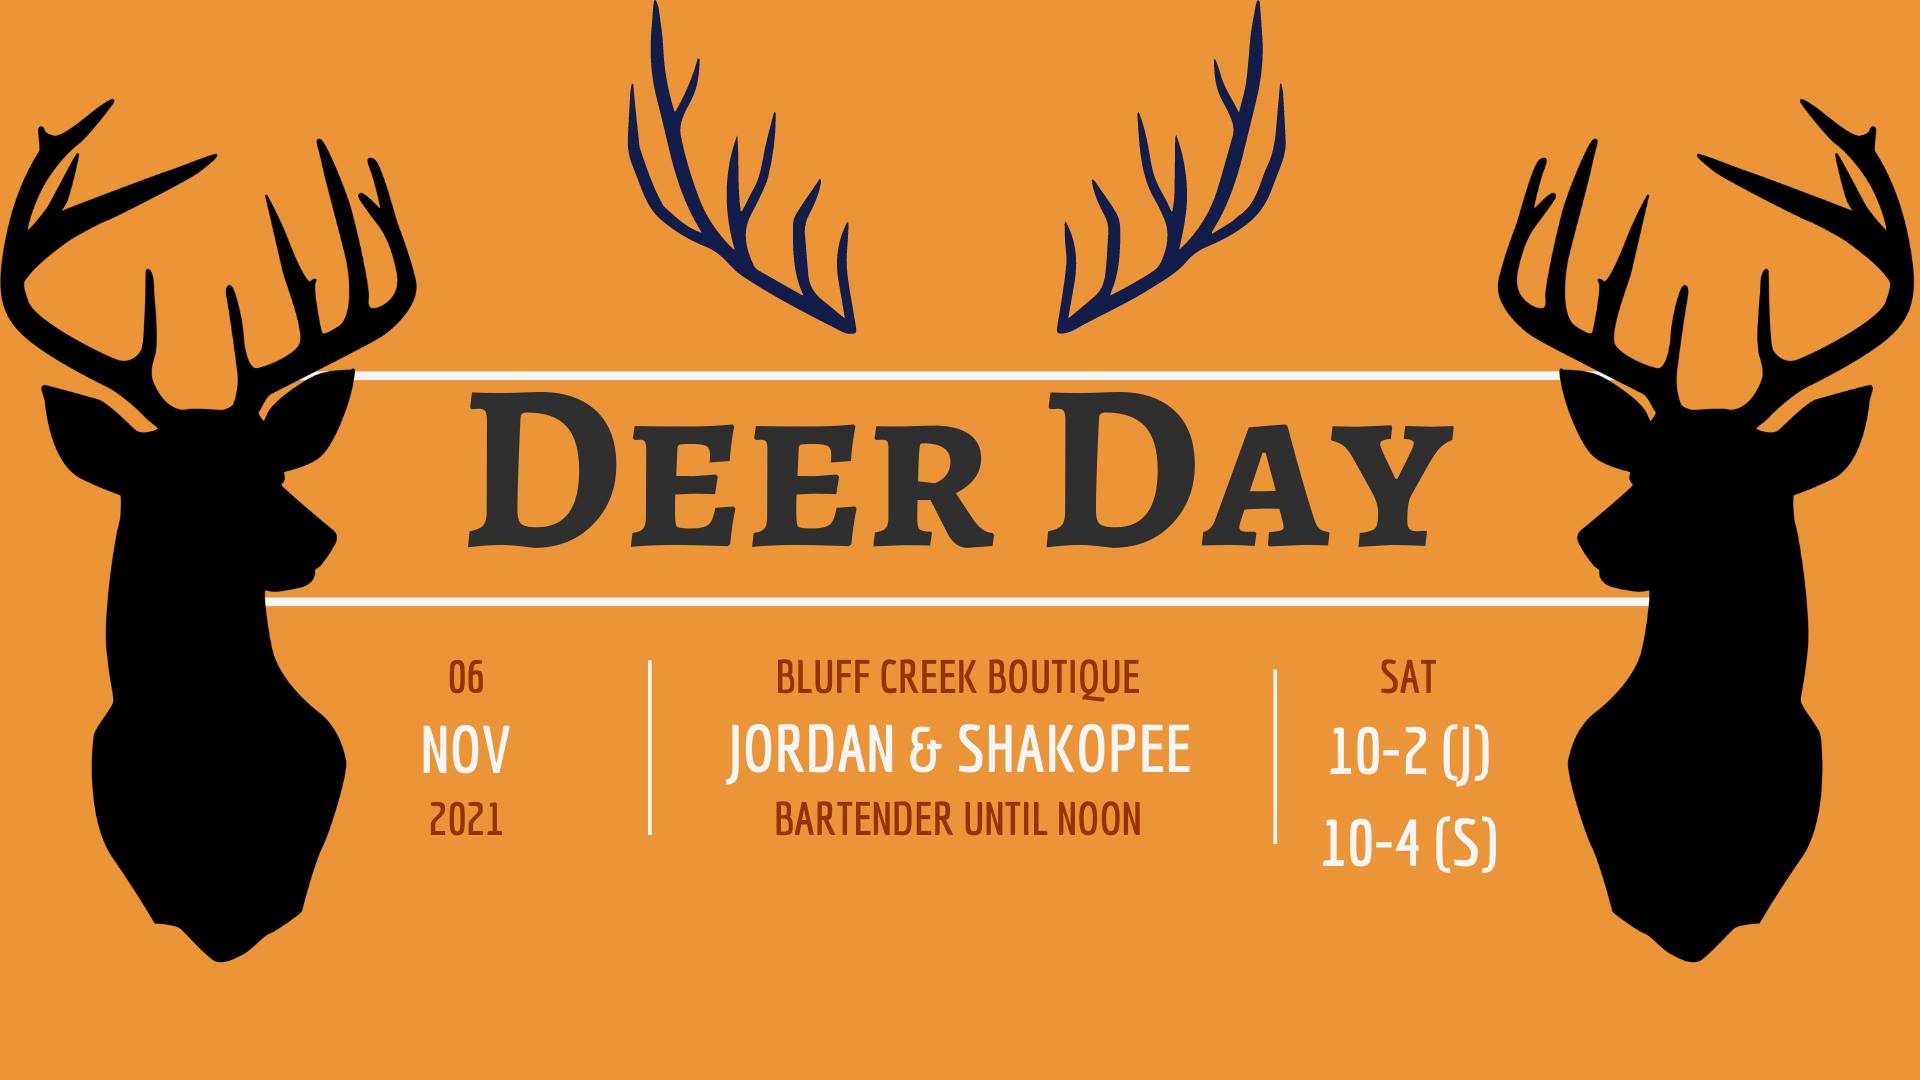 Deer Day